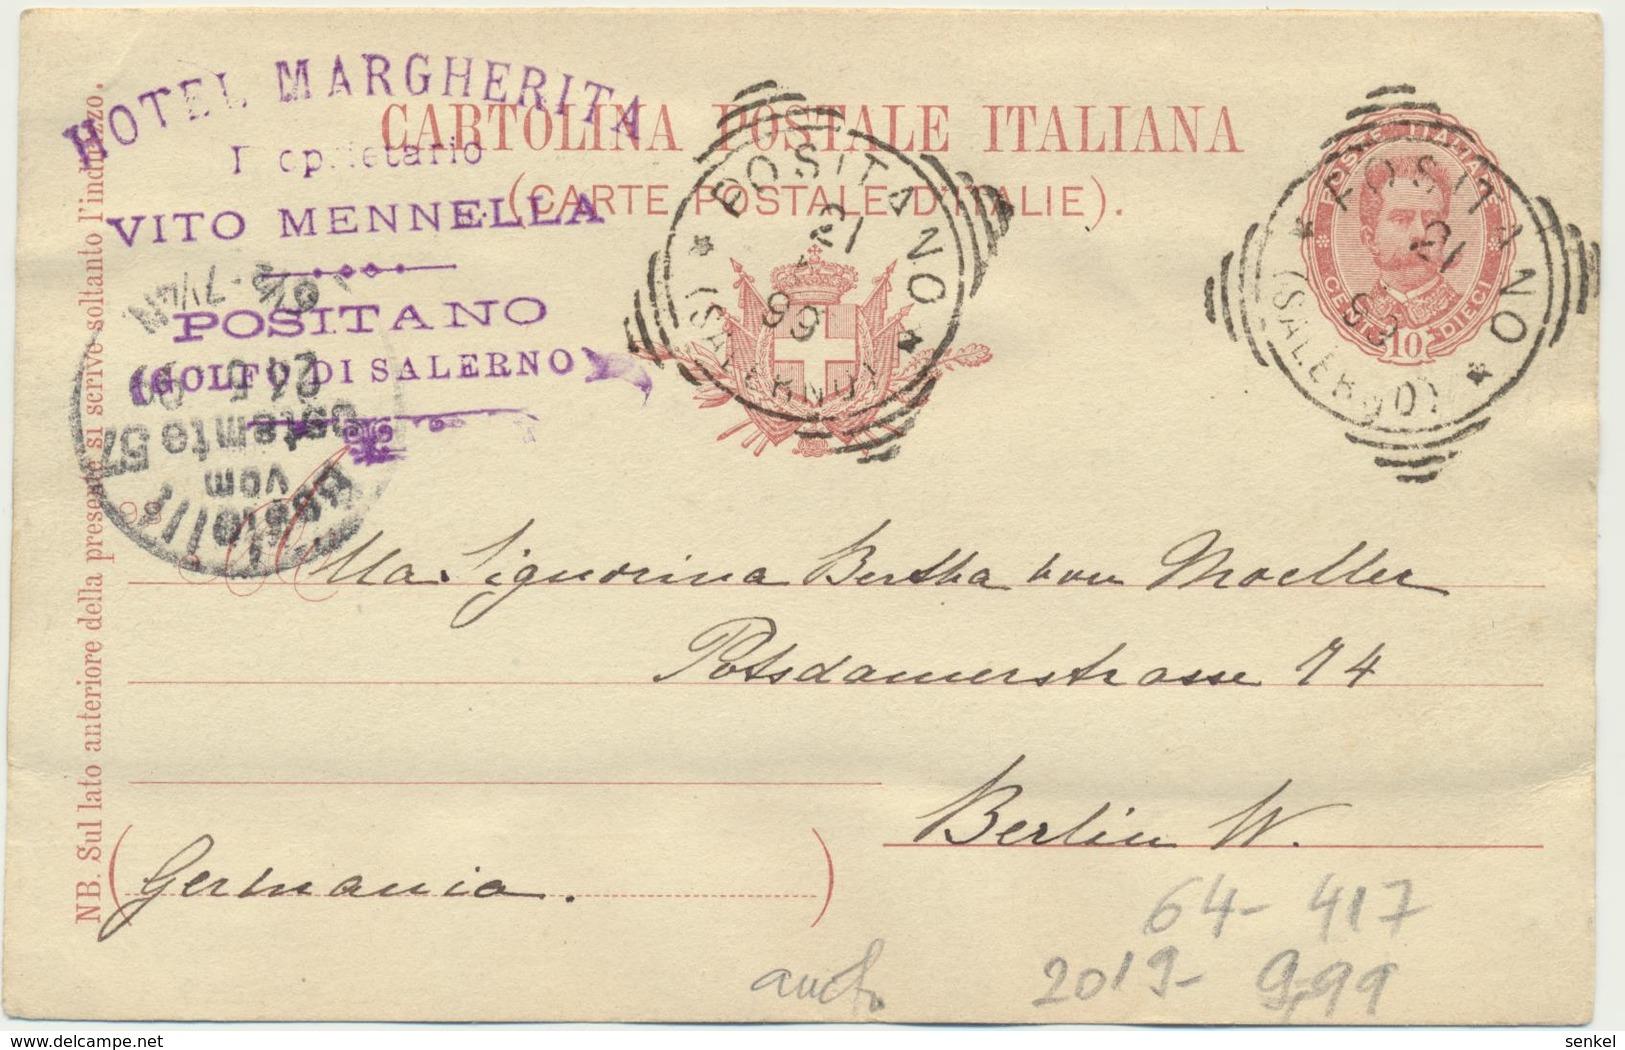 64-417 Italia Italy Positano - Italy